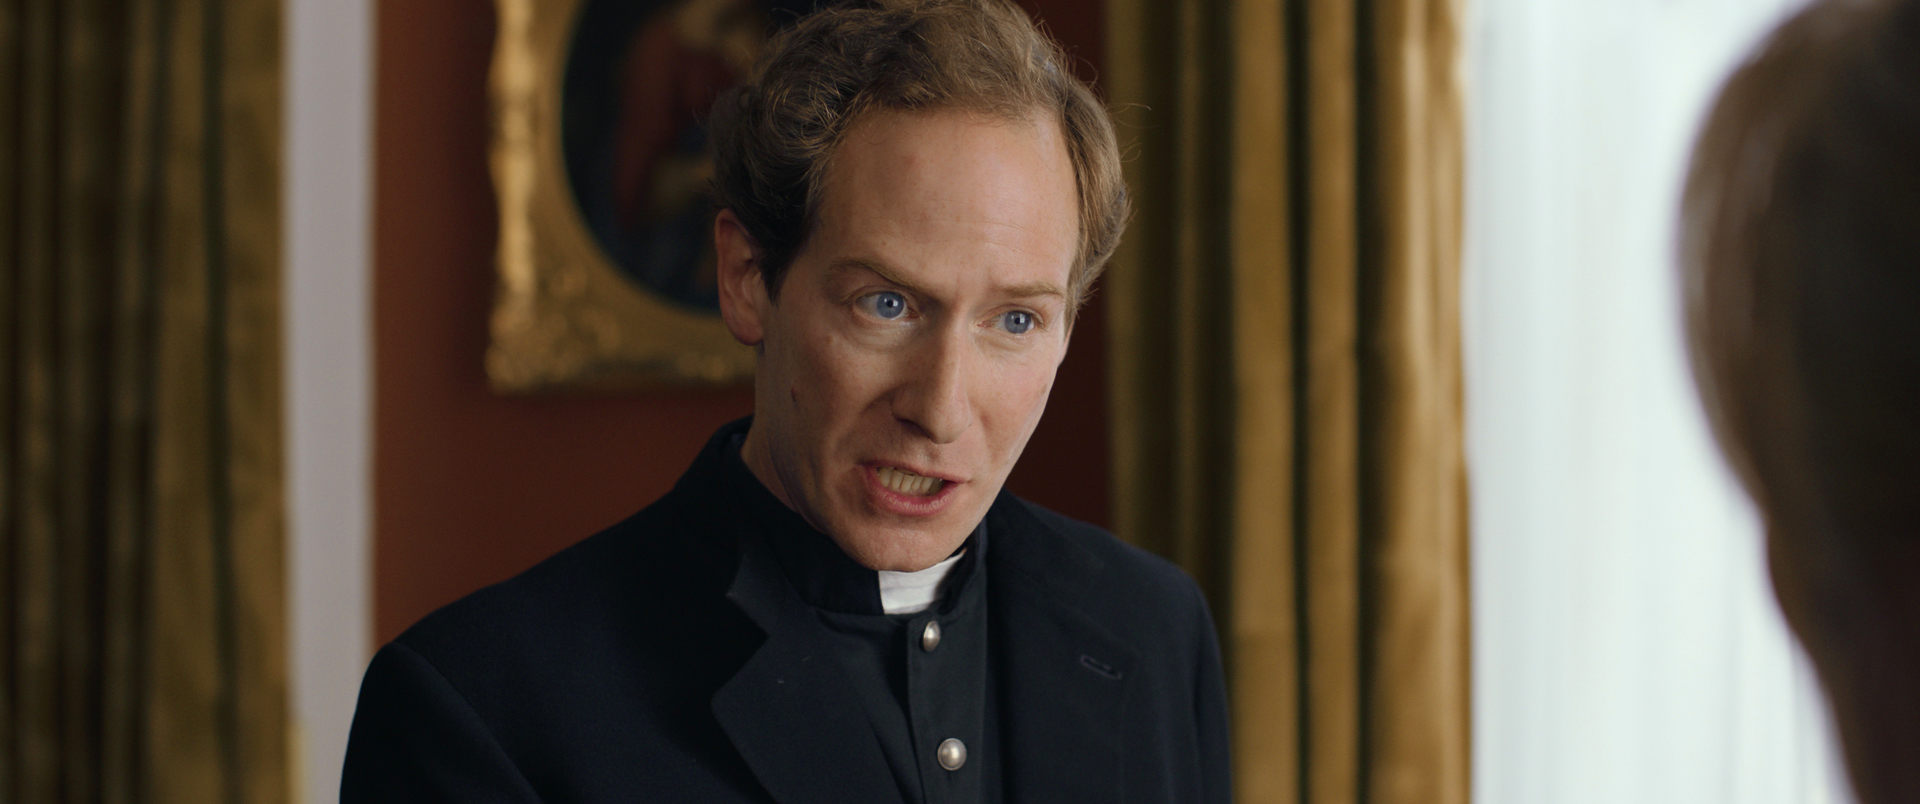 Mean Priest.jpg